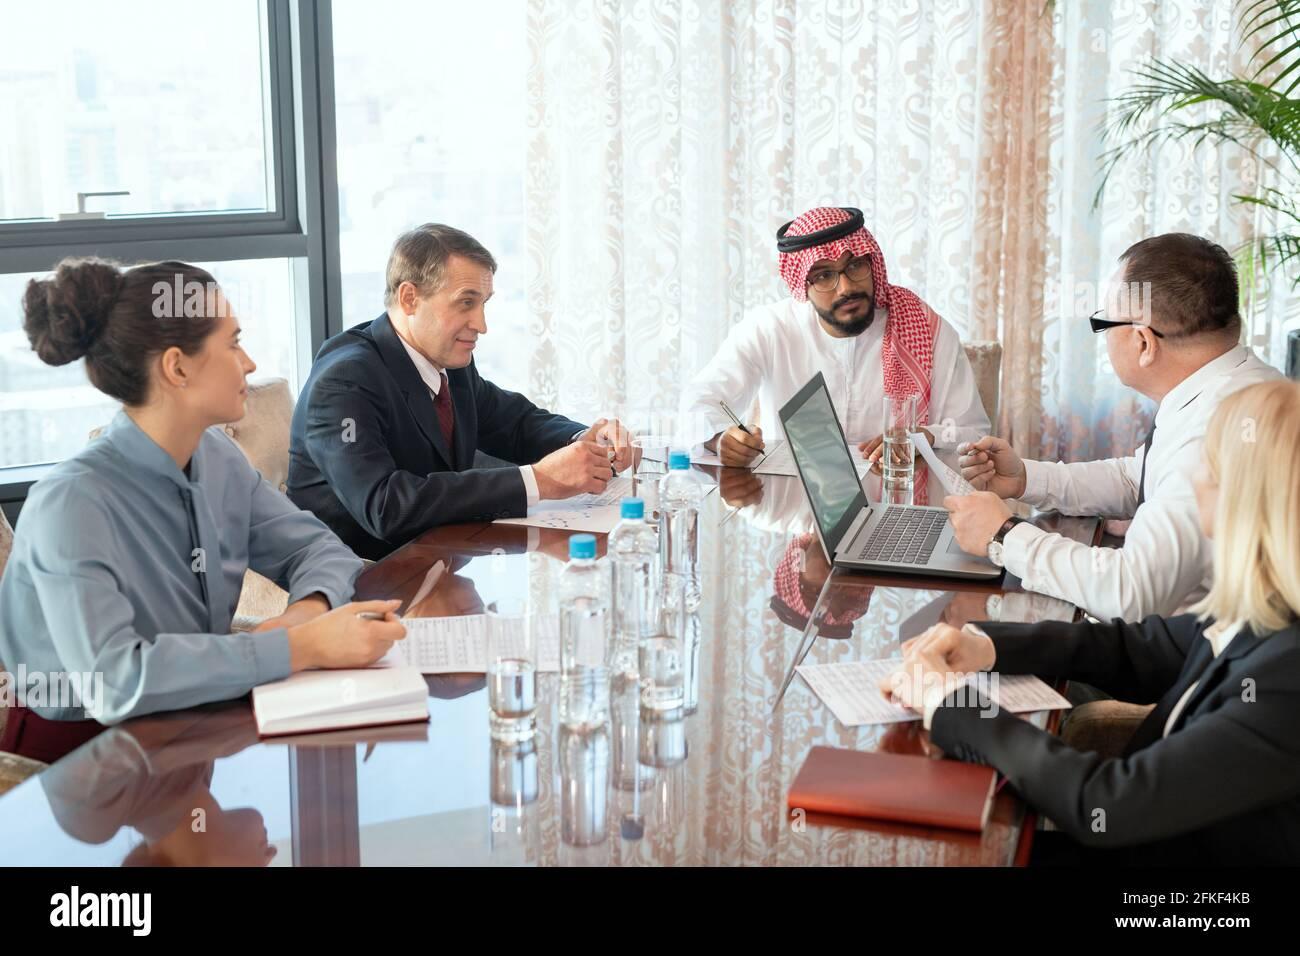 Un groupe de délégués ou d'hommes d'affaires assis autour d'une table pendant la réunion Banque D'Images